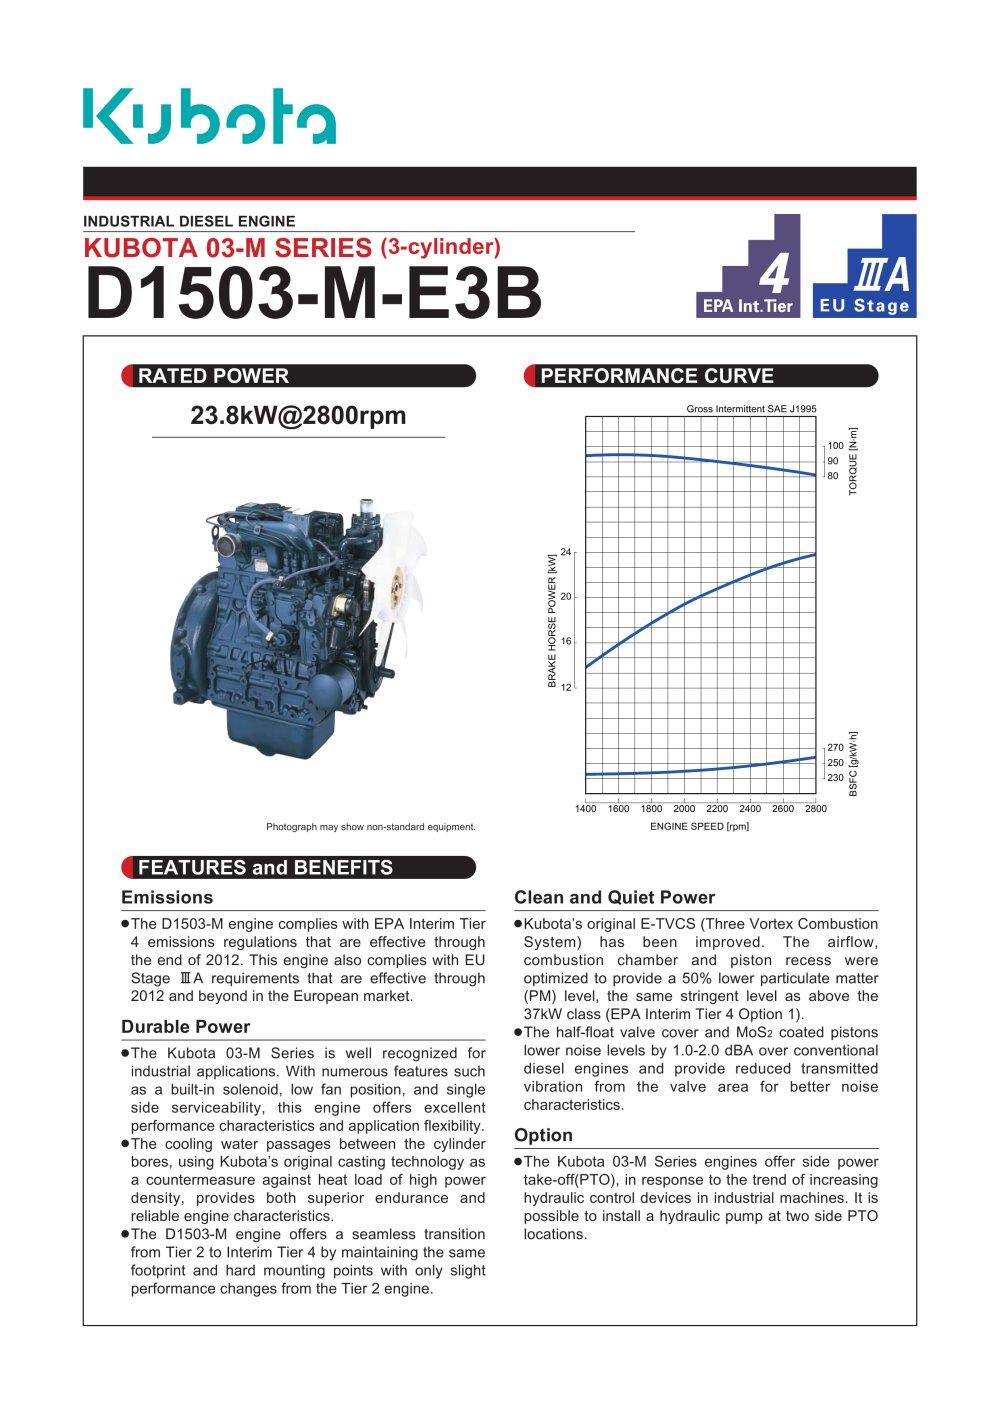 D1503-M-E3B - 1 / 2 Pages